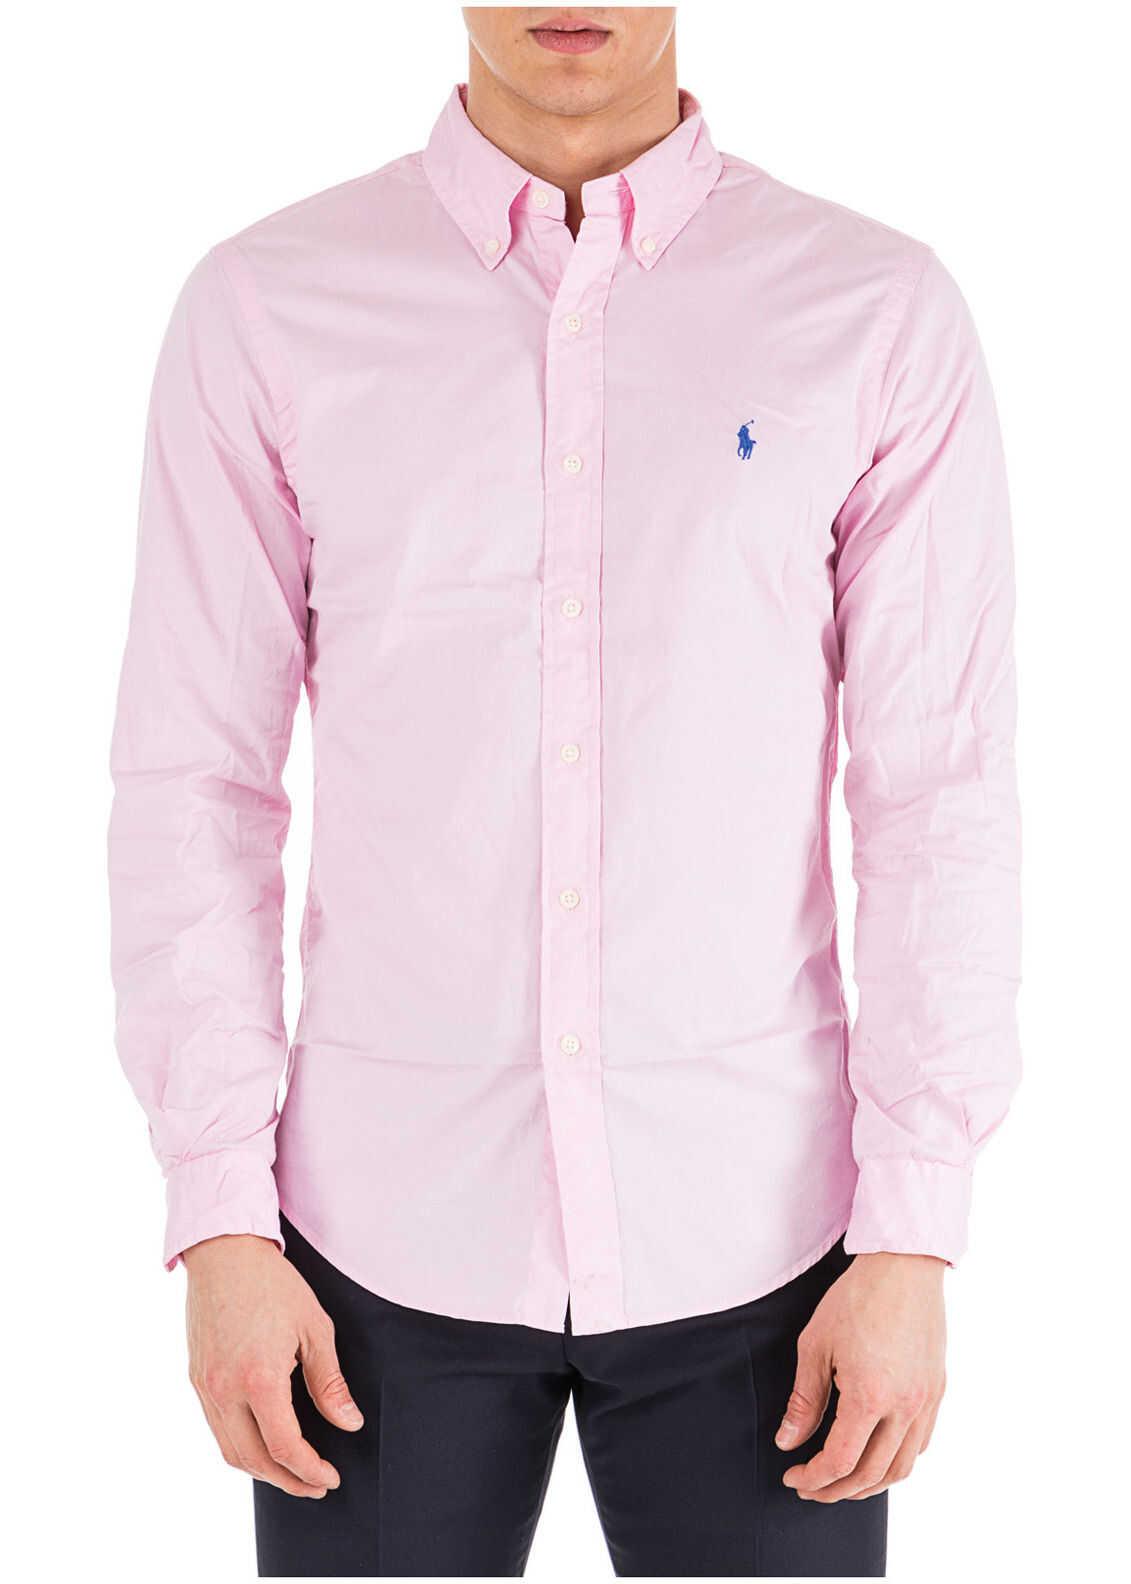 Ralph Lauren Dress Shirt Pink